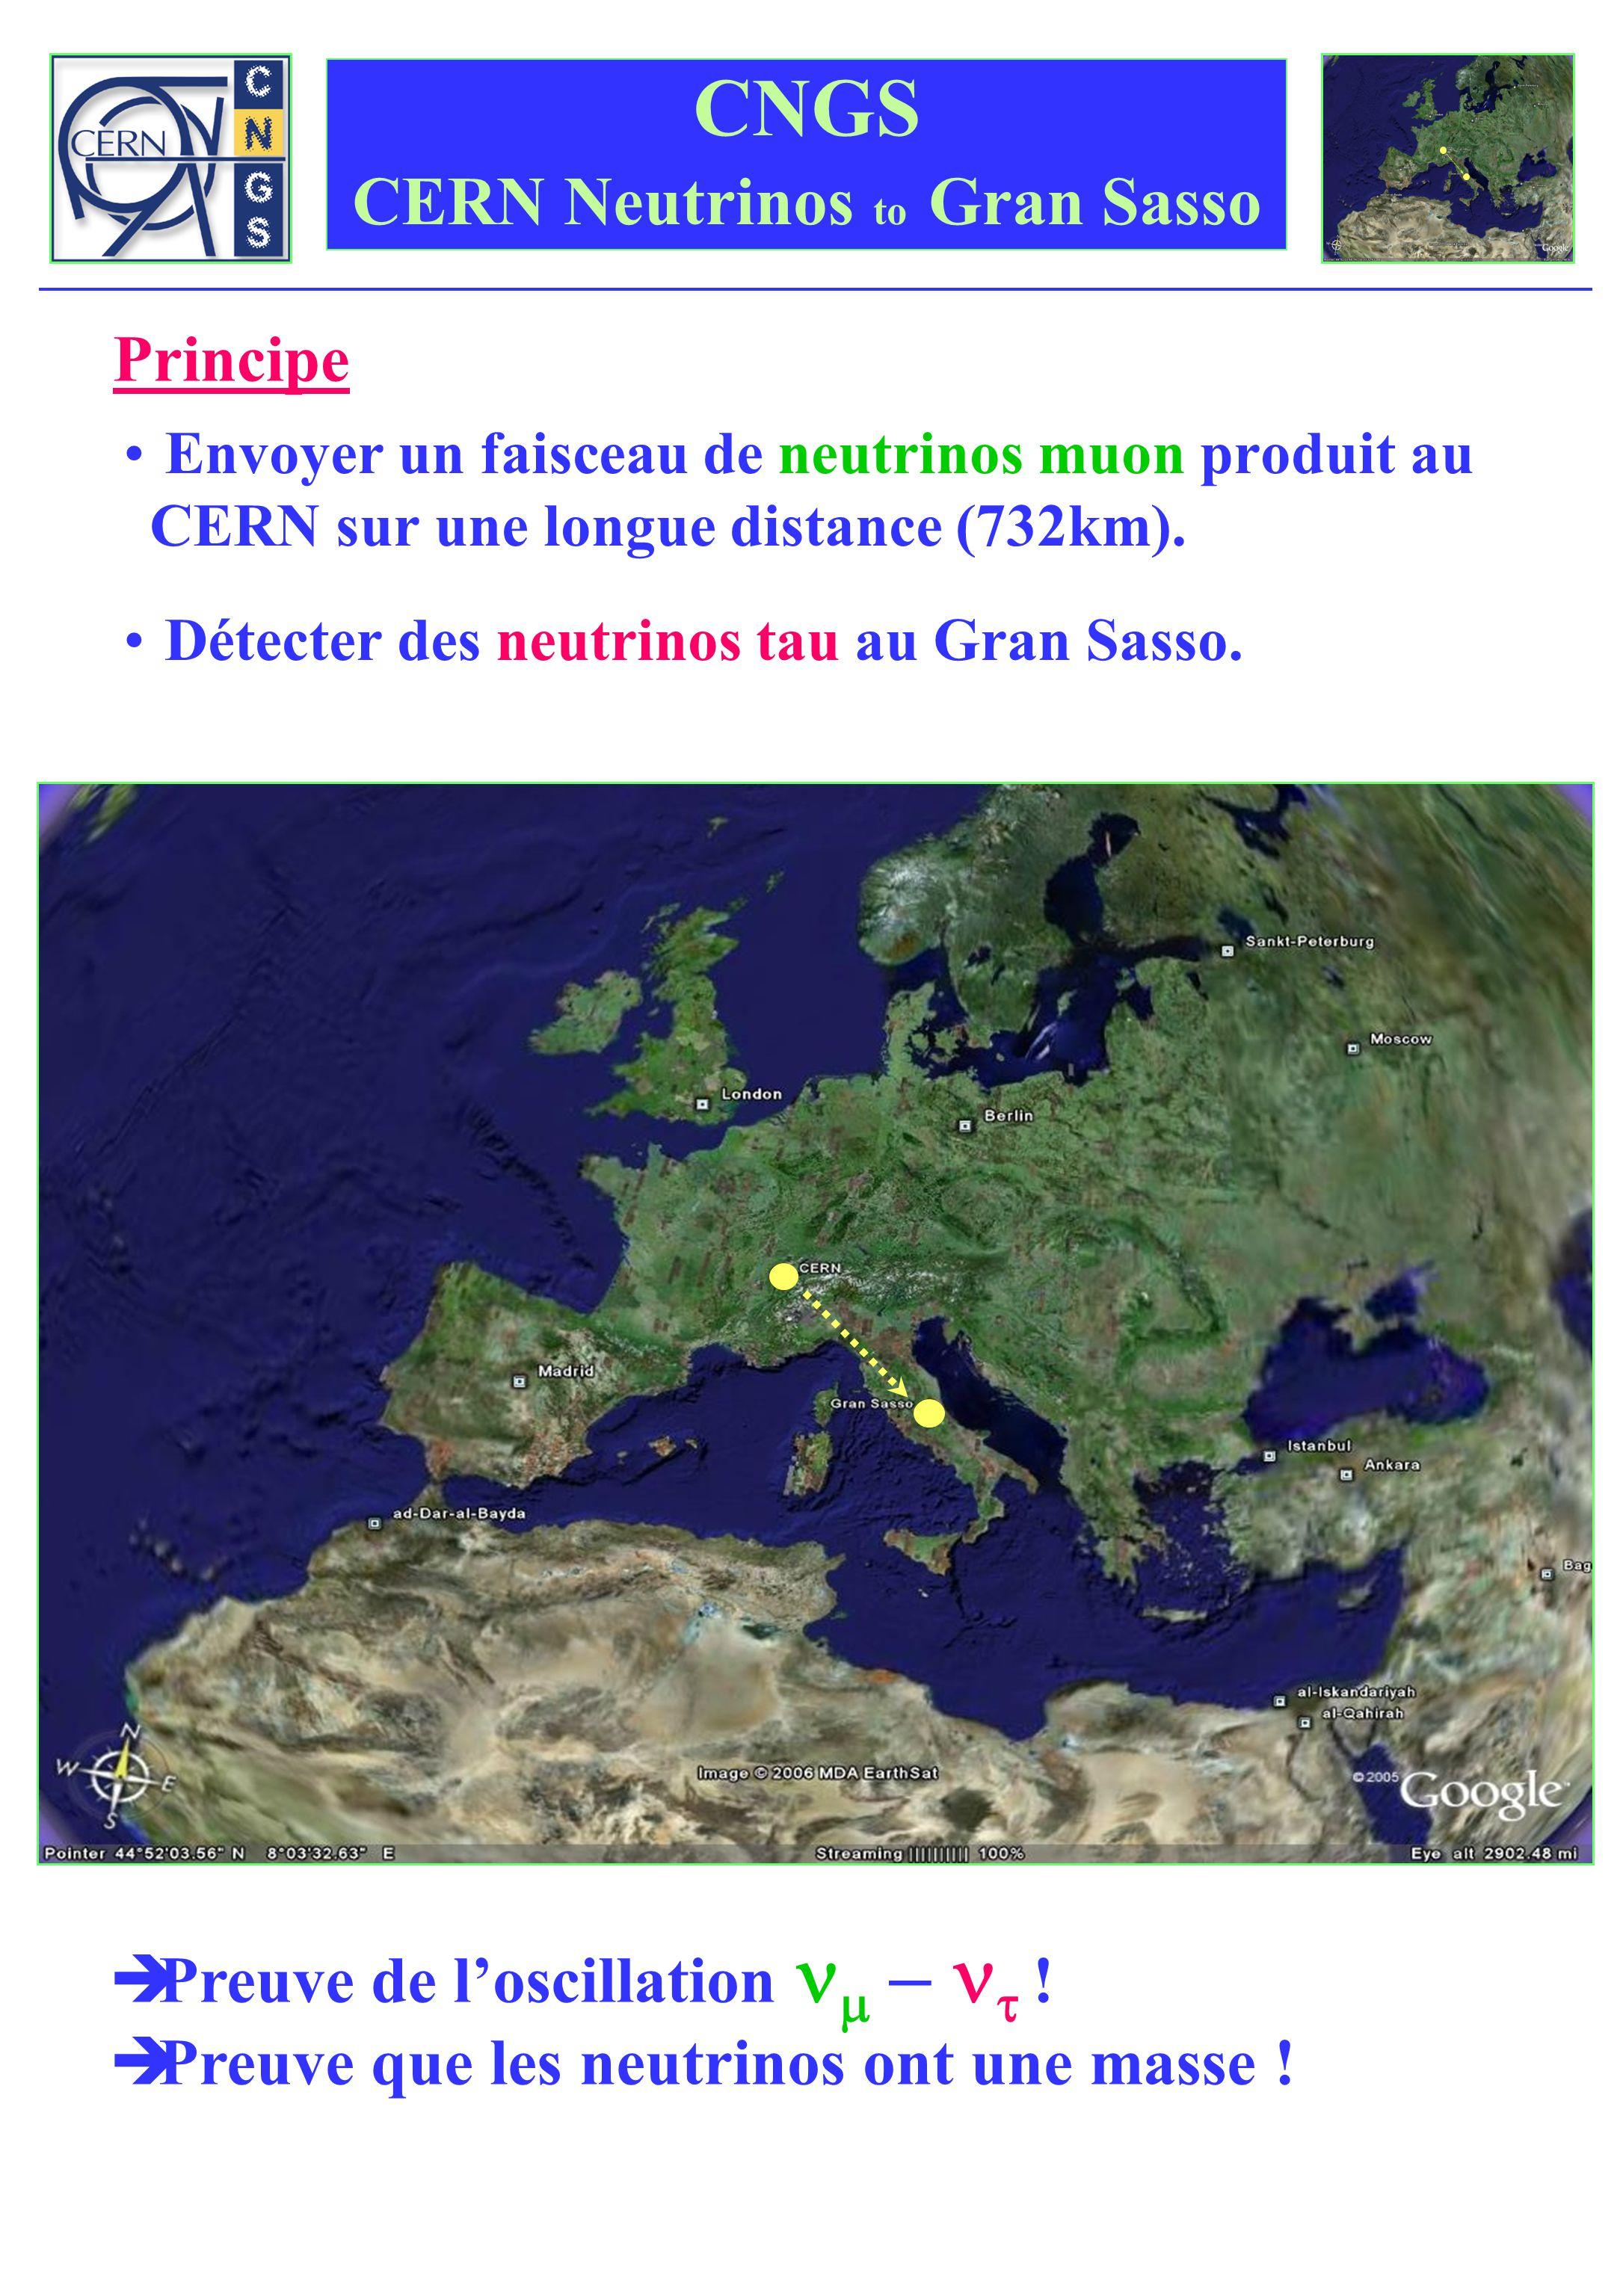 Production de Neutrinos Produire des protons de haute énergie Les envoyer contre une cible Produire ainsi des pions Guider ces pions à laide de corne magnétique Laisser ces pions se désintégrer en neutrinos muon et muons Détecter les neutrinos au Gran Sasso SPS PS Cible Cornes magnétiques Gran Sasso en Italie Tube de désintégration Faisceau de protons protons pions neutrinos 100000000000000000 = 10 17 neutrinos sont envoyés par jour 100000000000 = 10 11 neutrinos arrivent au Gran Sasso par jour 25 Neutrinos muon sont détectés par jour au Gran Sasso à laide dun détecteur de 1800 tonnes 2 Neutrinos tau sont détectés par année au Gran Sasso à laide dun détecteur de 1800 tonnes p + C (interaction) + désintegration + +